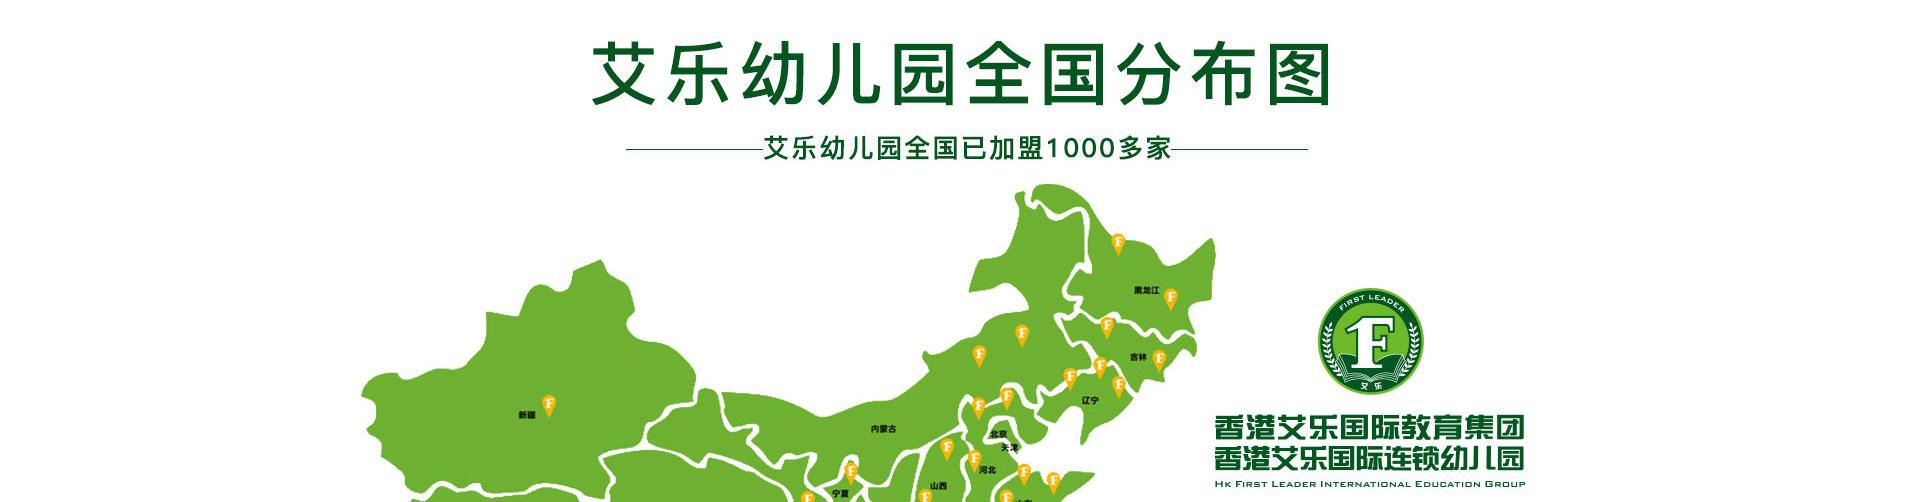 香港艾乐国际幼儿园al_14